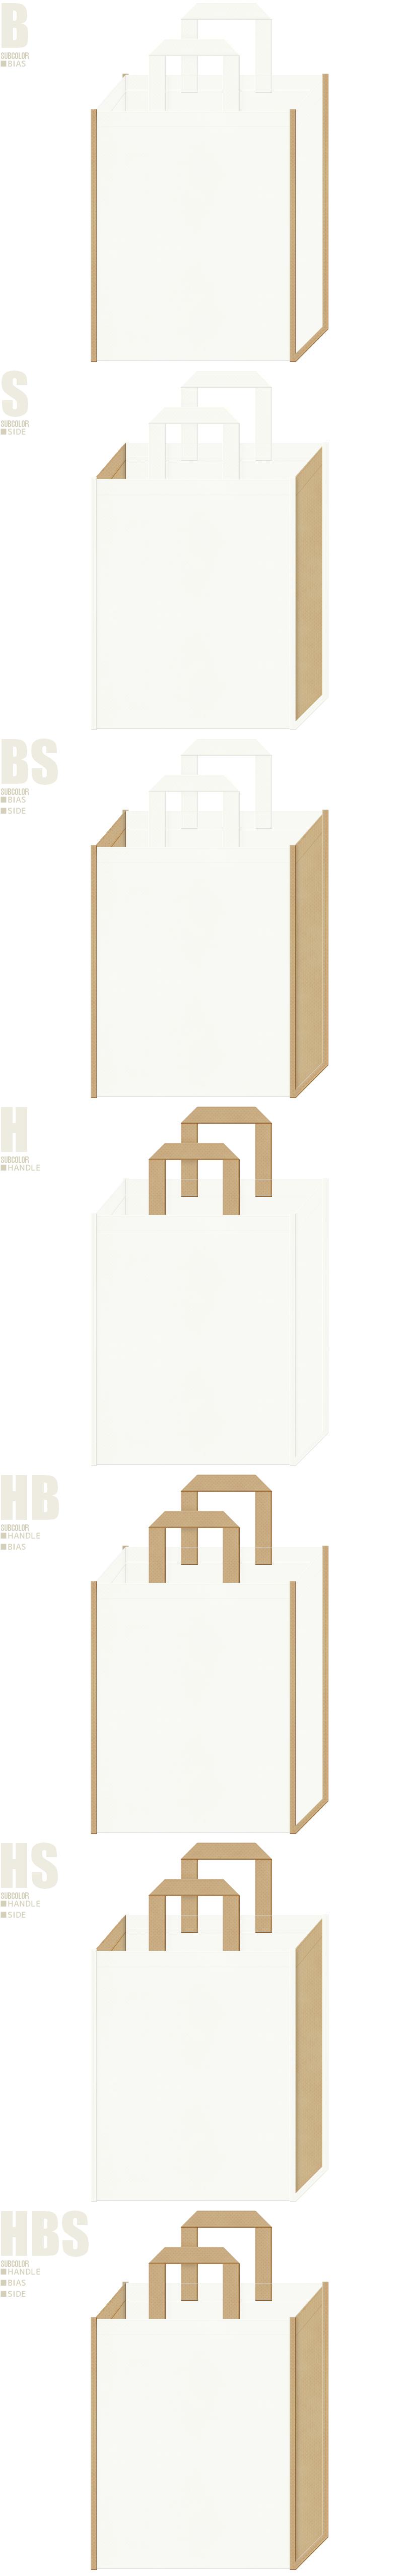 ベーカリー・カフェ・手芸用品の展示会用バッグにお奨めです。オフホワイト色とカーキ色の不織布バッグ配色7パターンのデザイン。